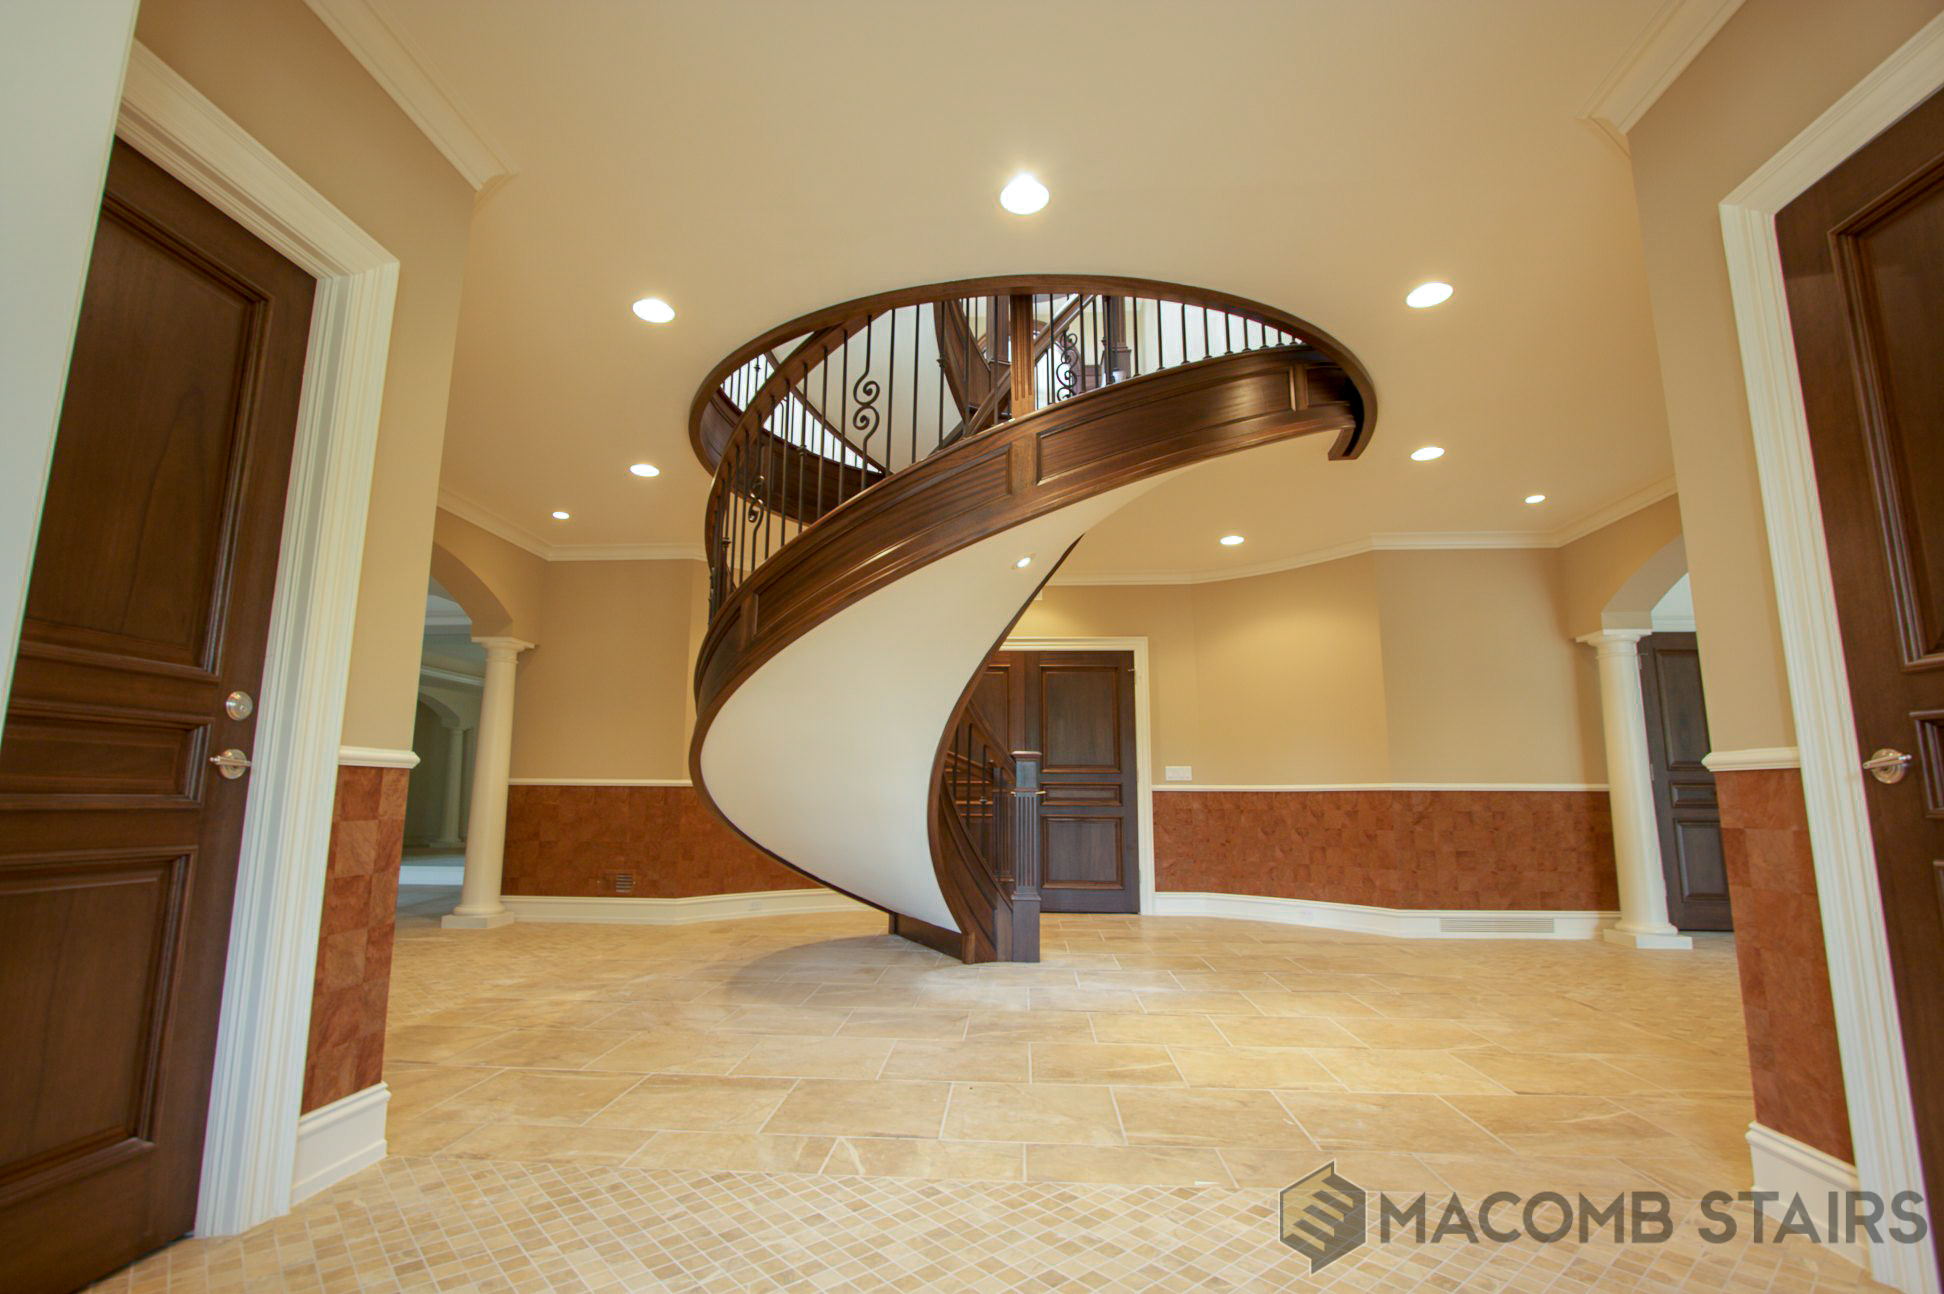 Macomb Stairs- Stair Photo-43.jpg